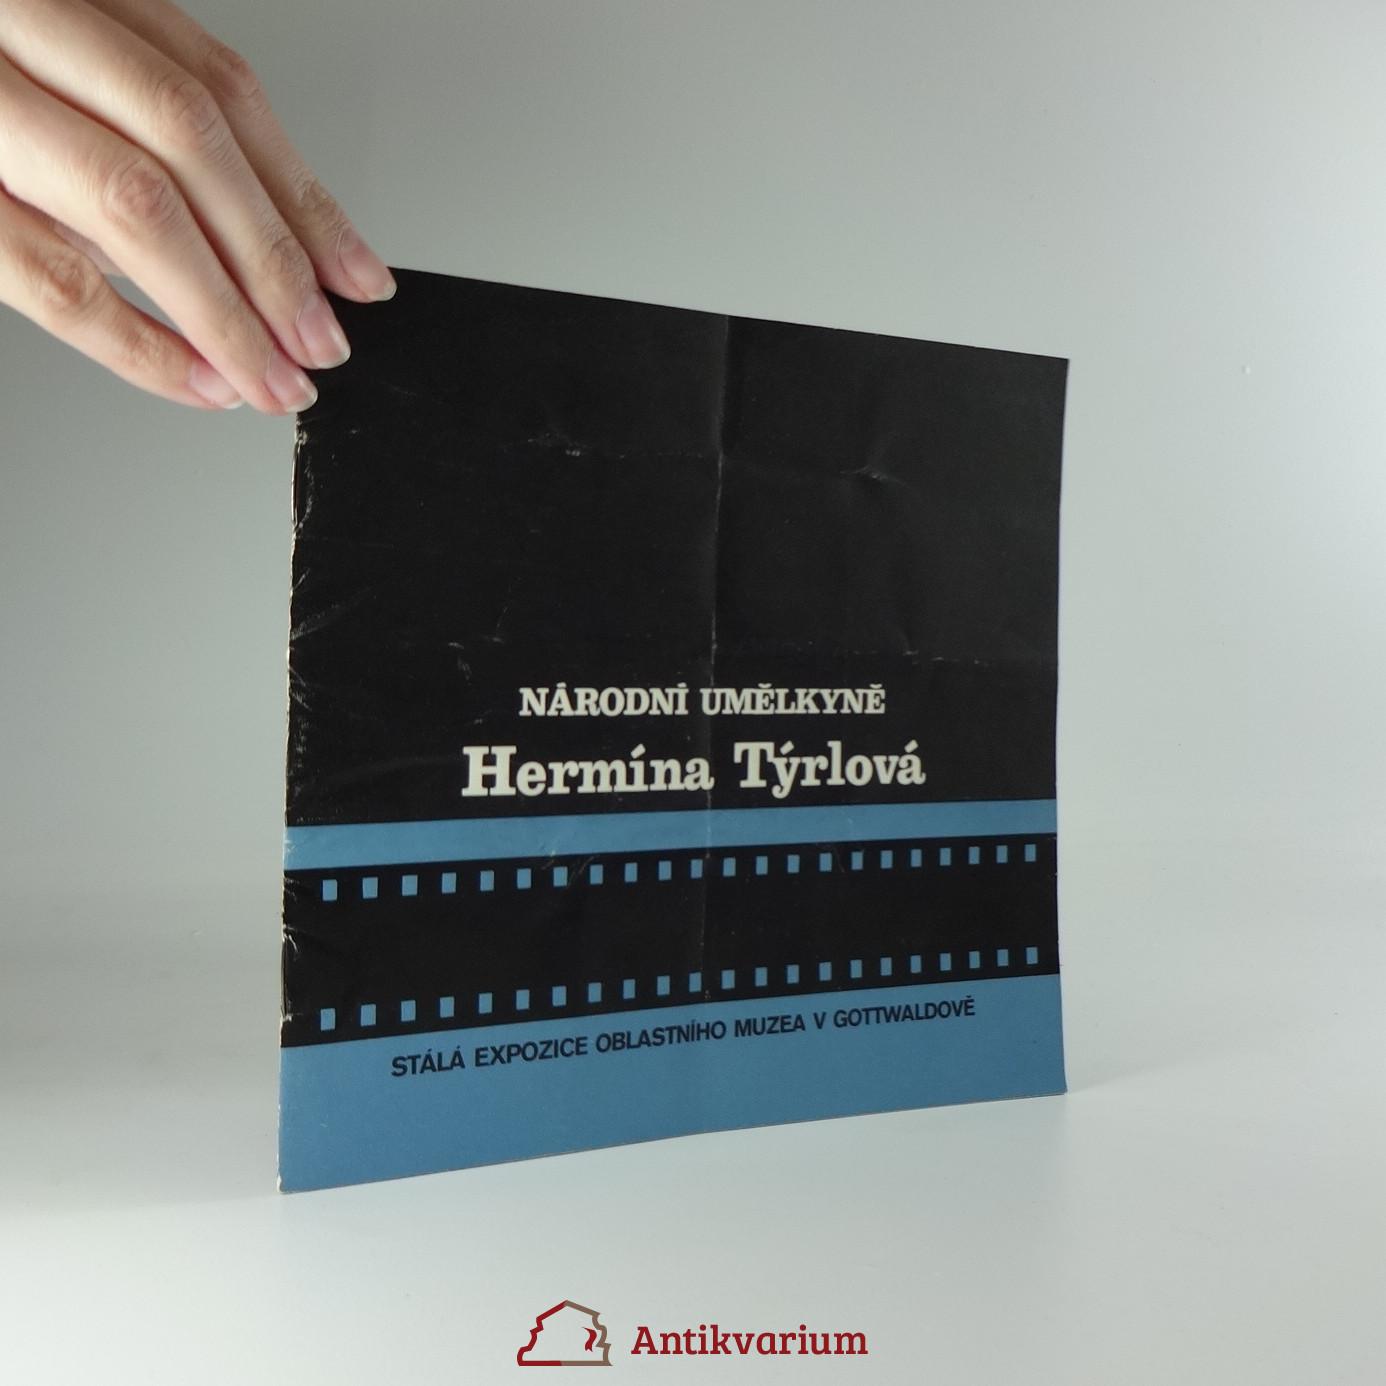 antikvární kniha Národní umělkyně Hermína Týrlová (Stálá expozice oblastního muzea v Gottwaldově), neuvedeno